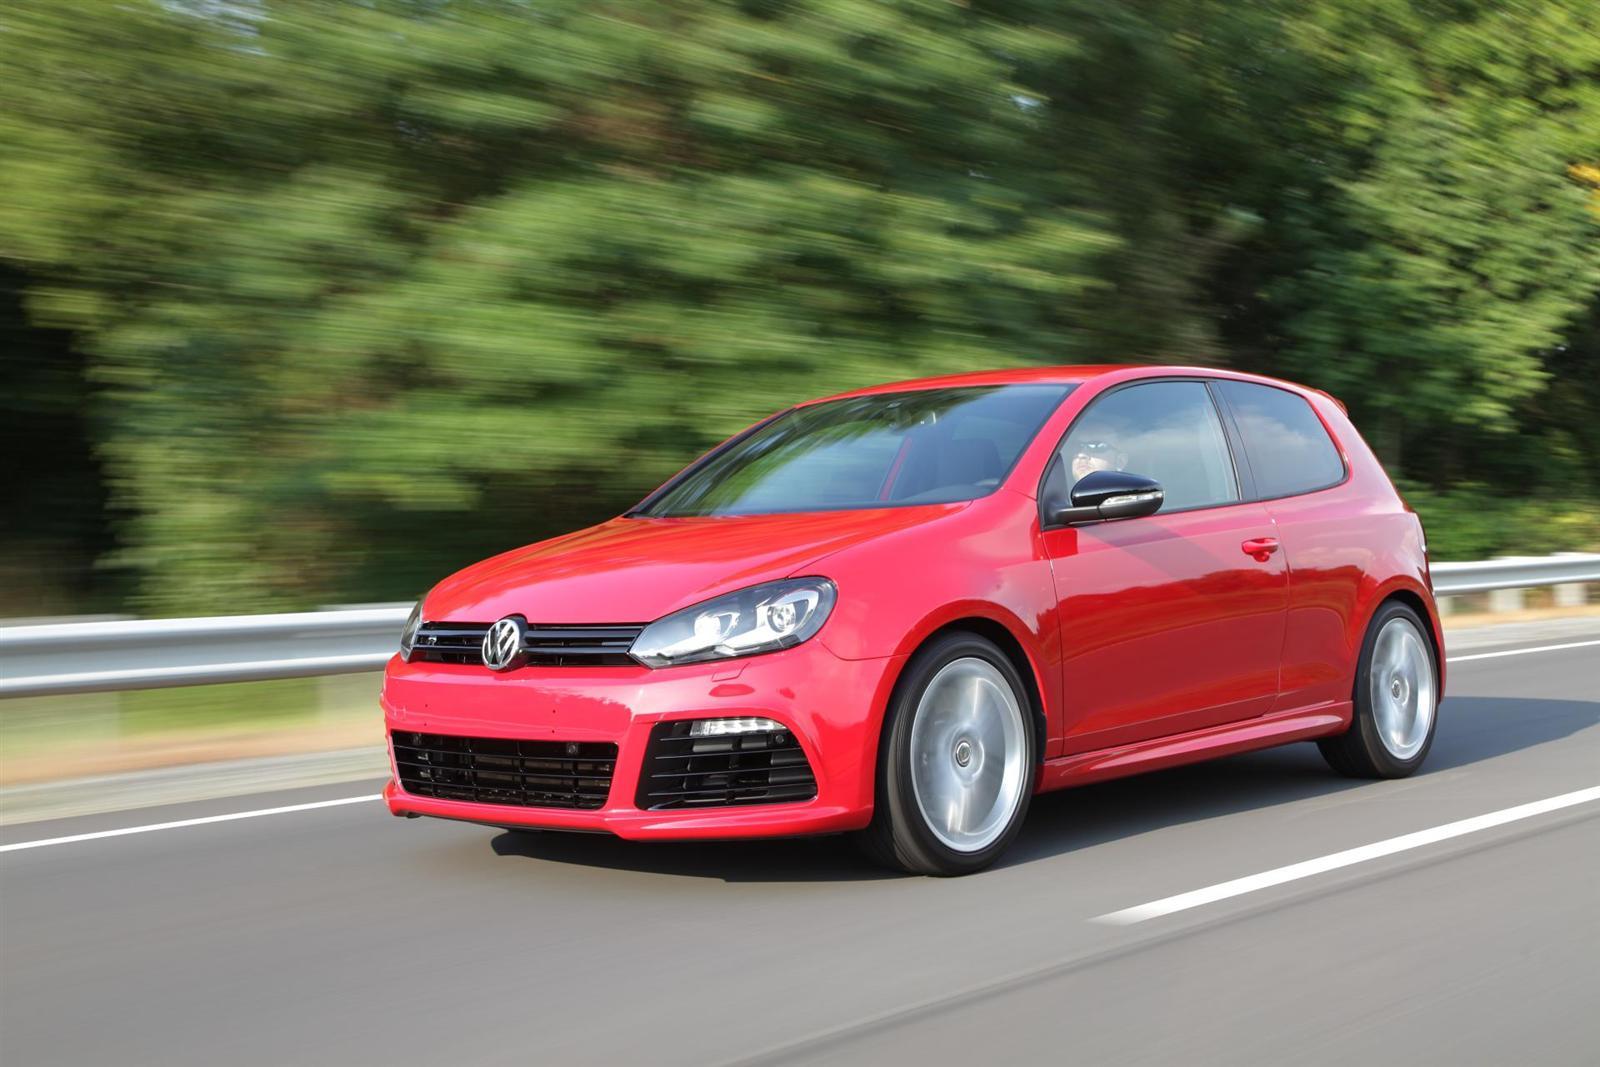 2012 Volkswagen Golf R Image